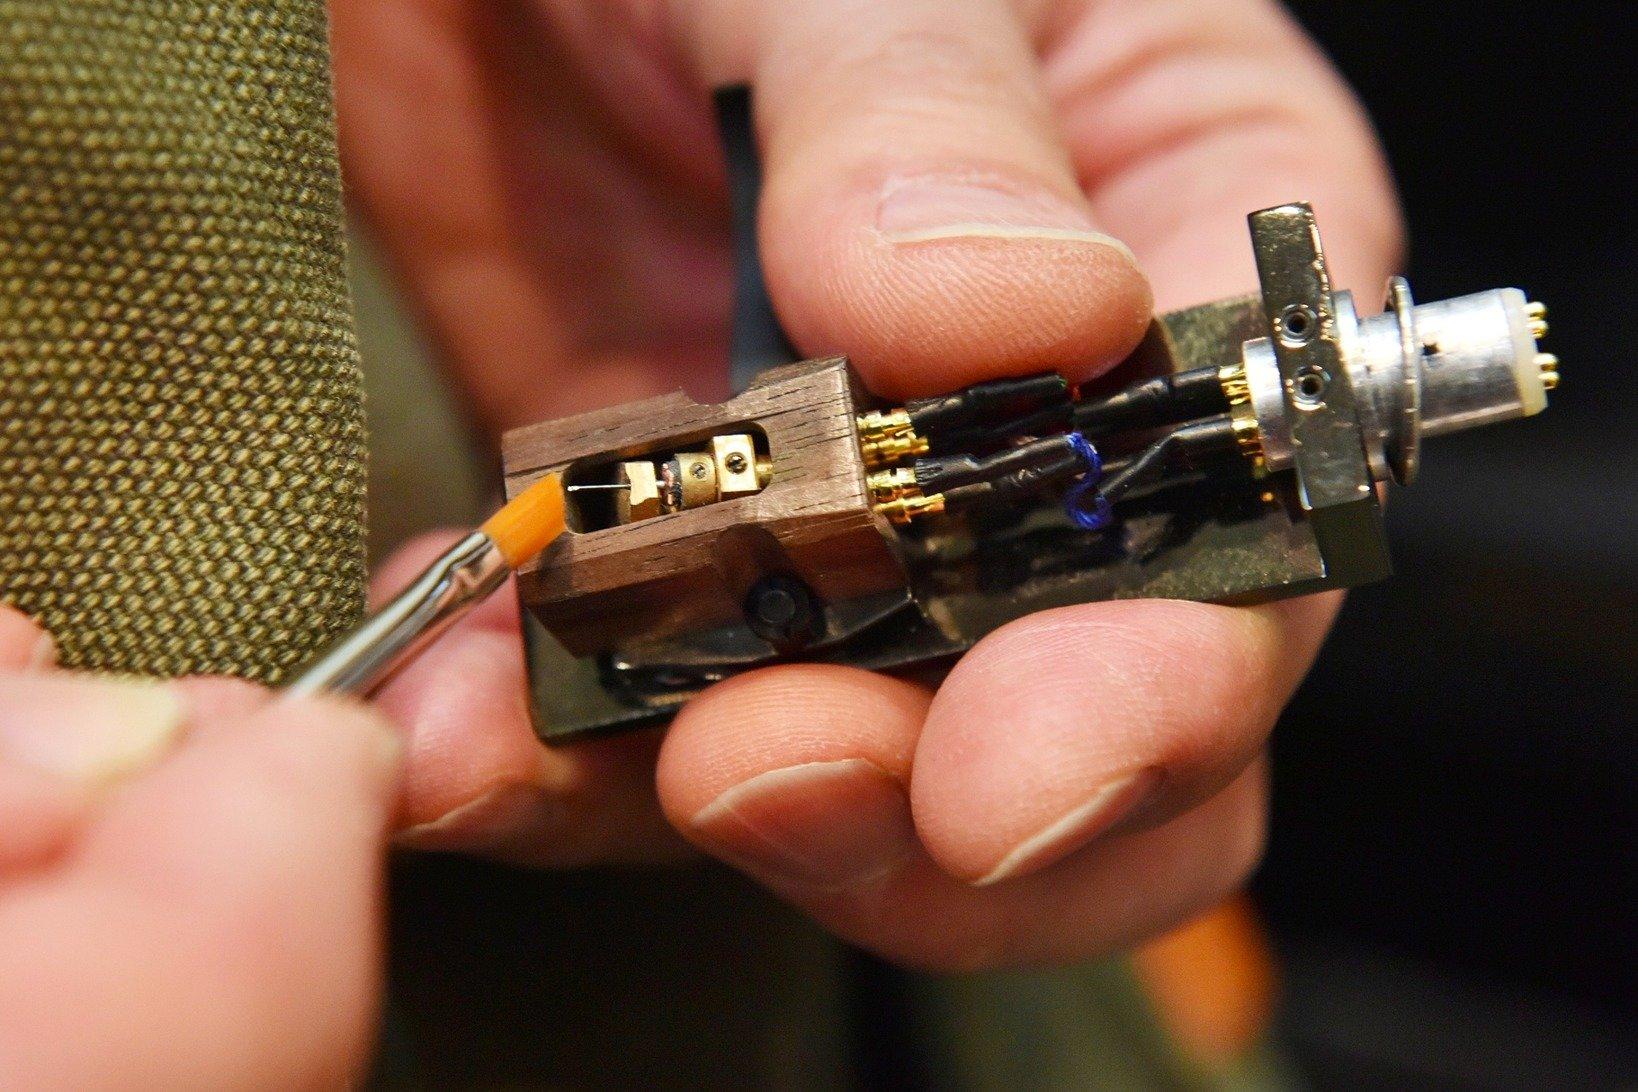 レコード針はとても繊細。優しいタッチでケアをするのがポイント。